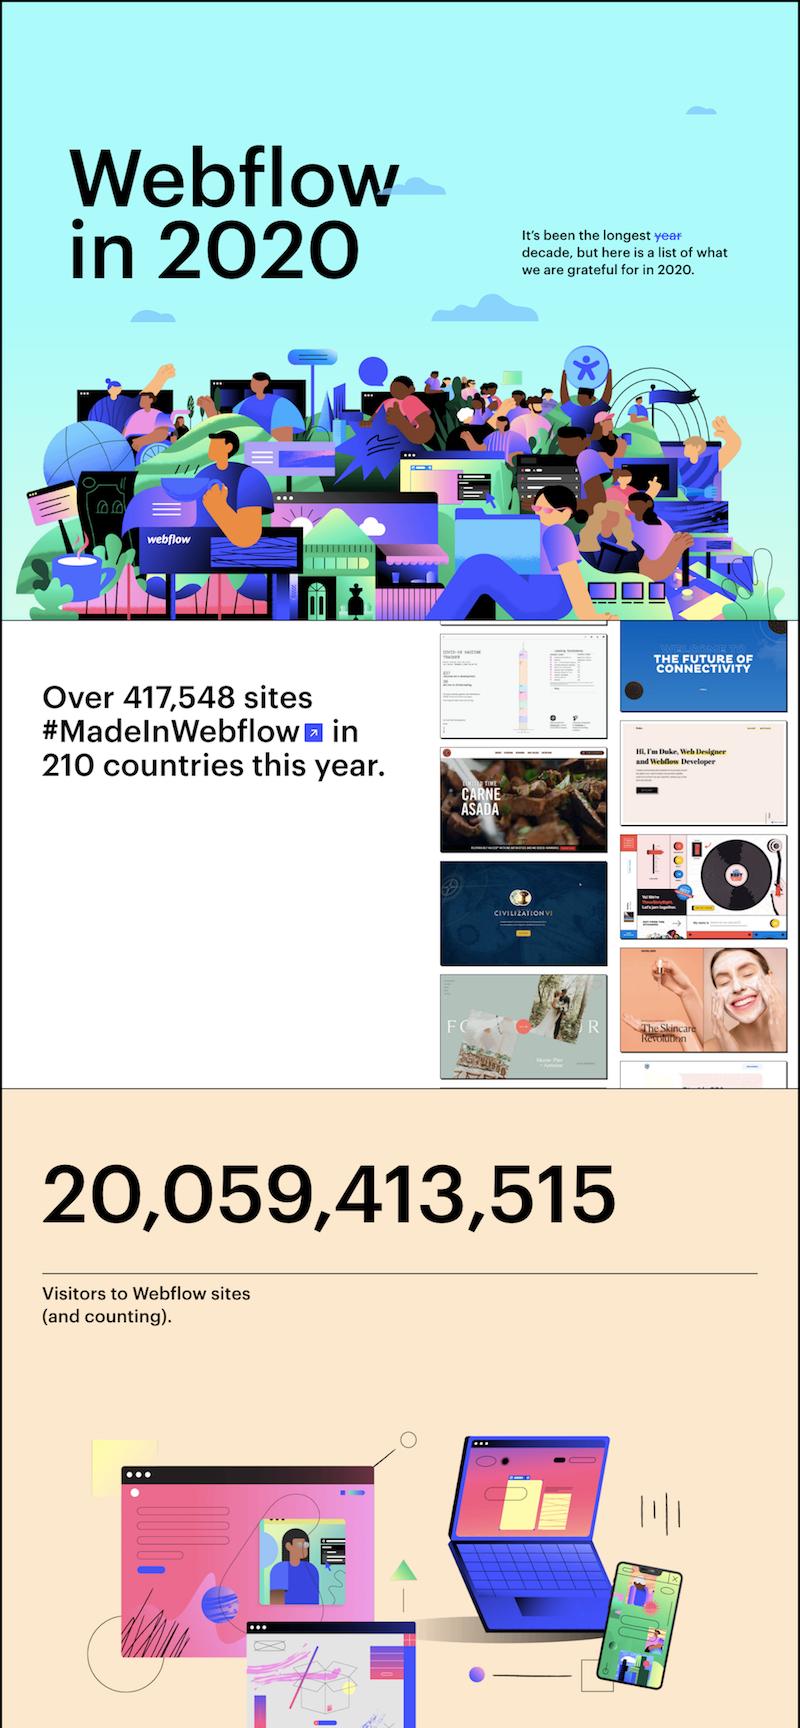 Webflow in 2020